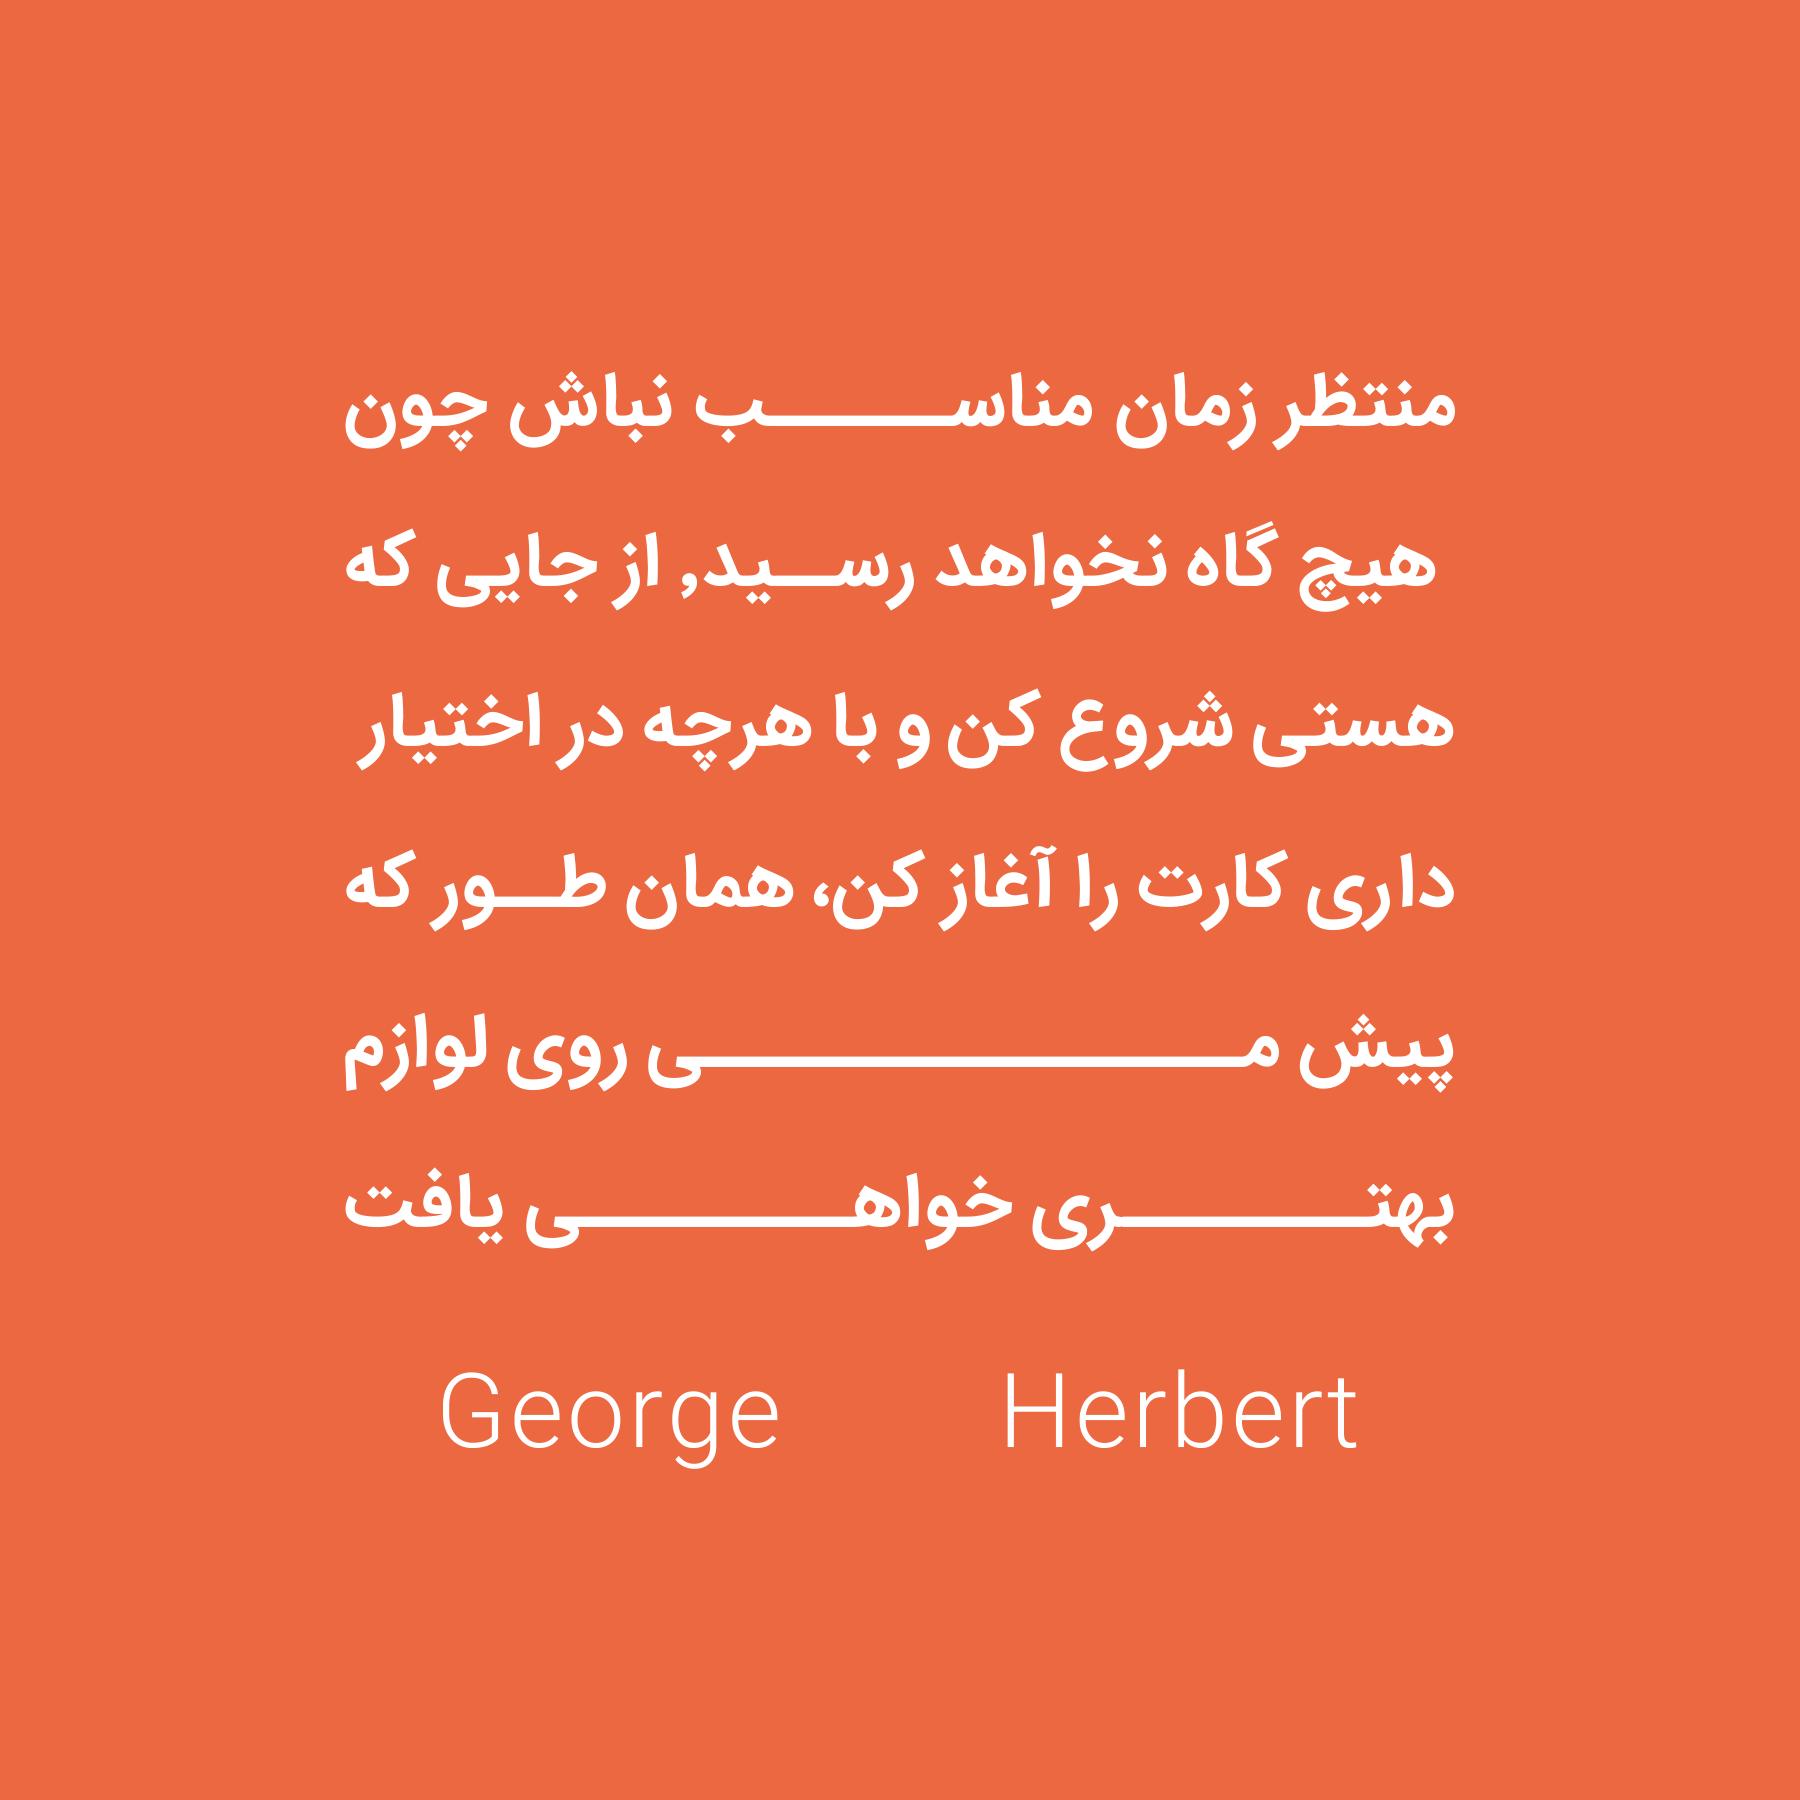 منتظر زمان مناسب نباش چون . هیچ گاه نخواهد رسید٬ از جایی که . هستی شروع کن و با هرچه در اختیار . داری کارت را آغاز کن، همان طور که . پیش می روی لوازم . بهتری خواهی یافت . George Herbert